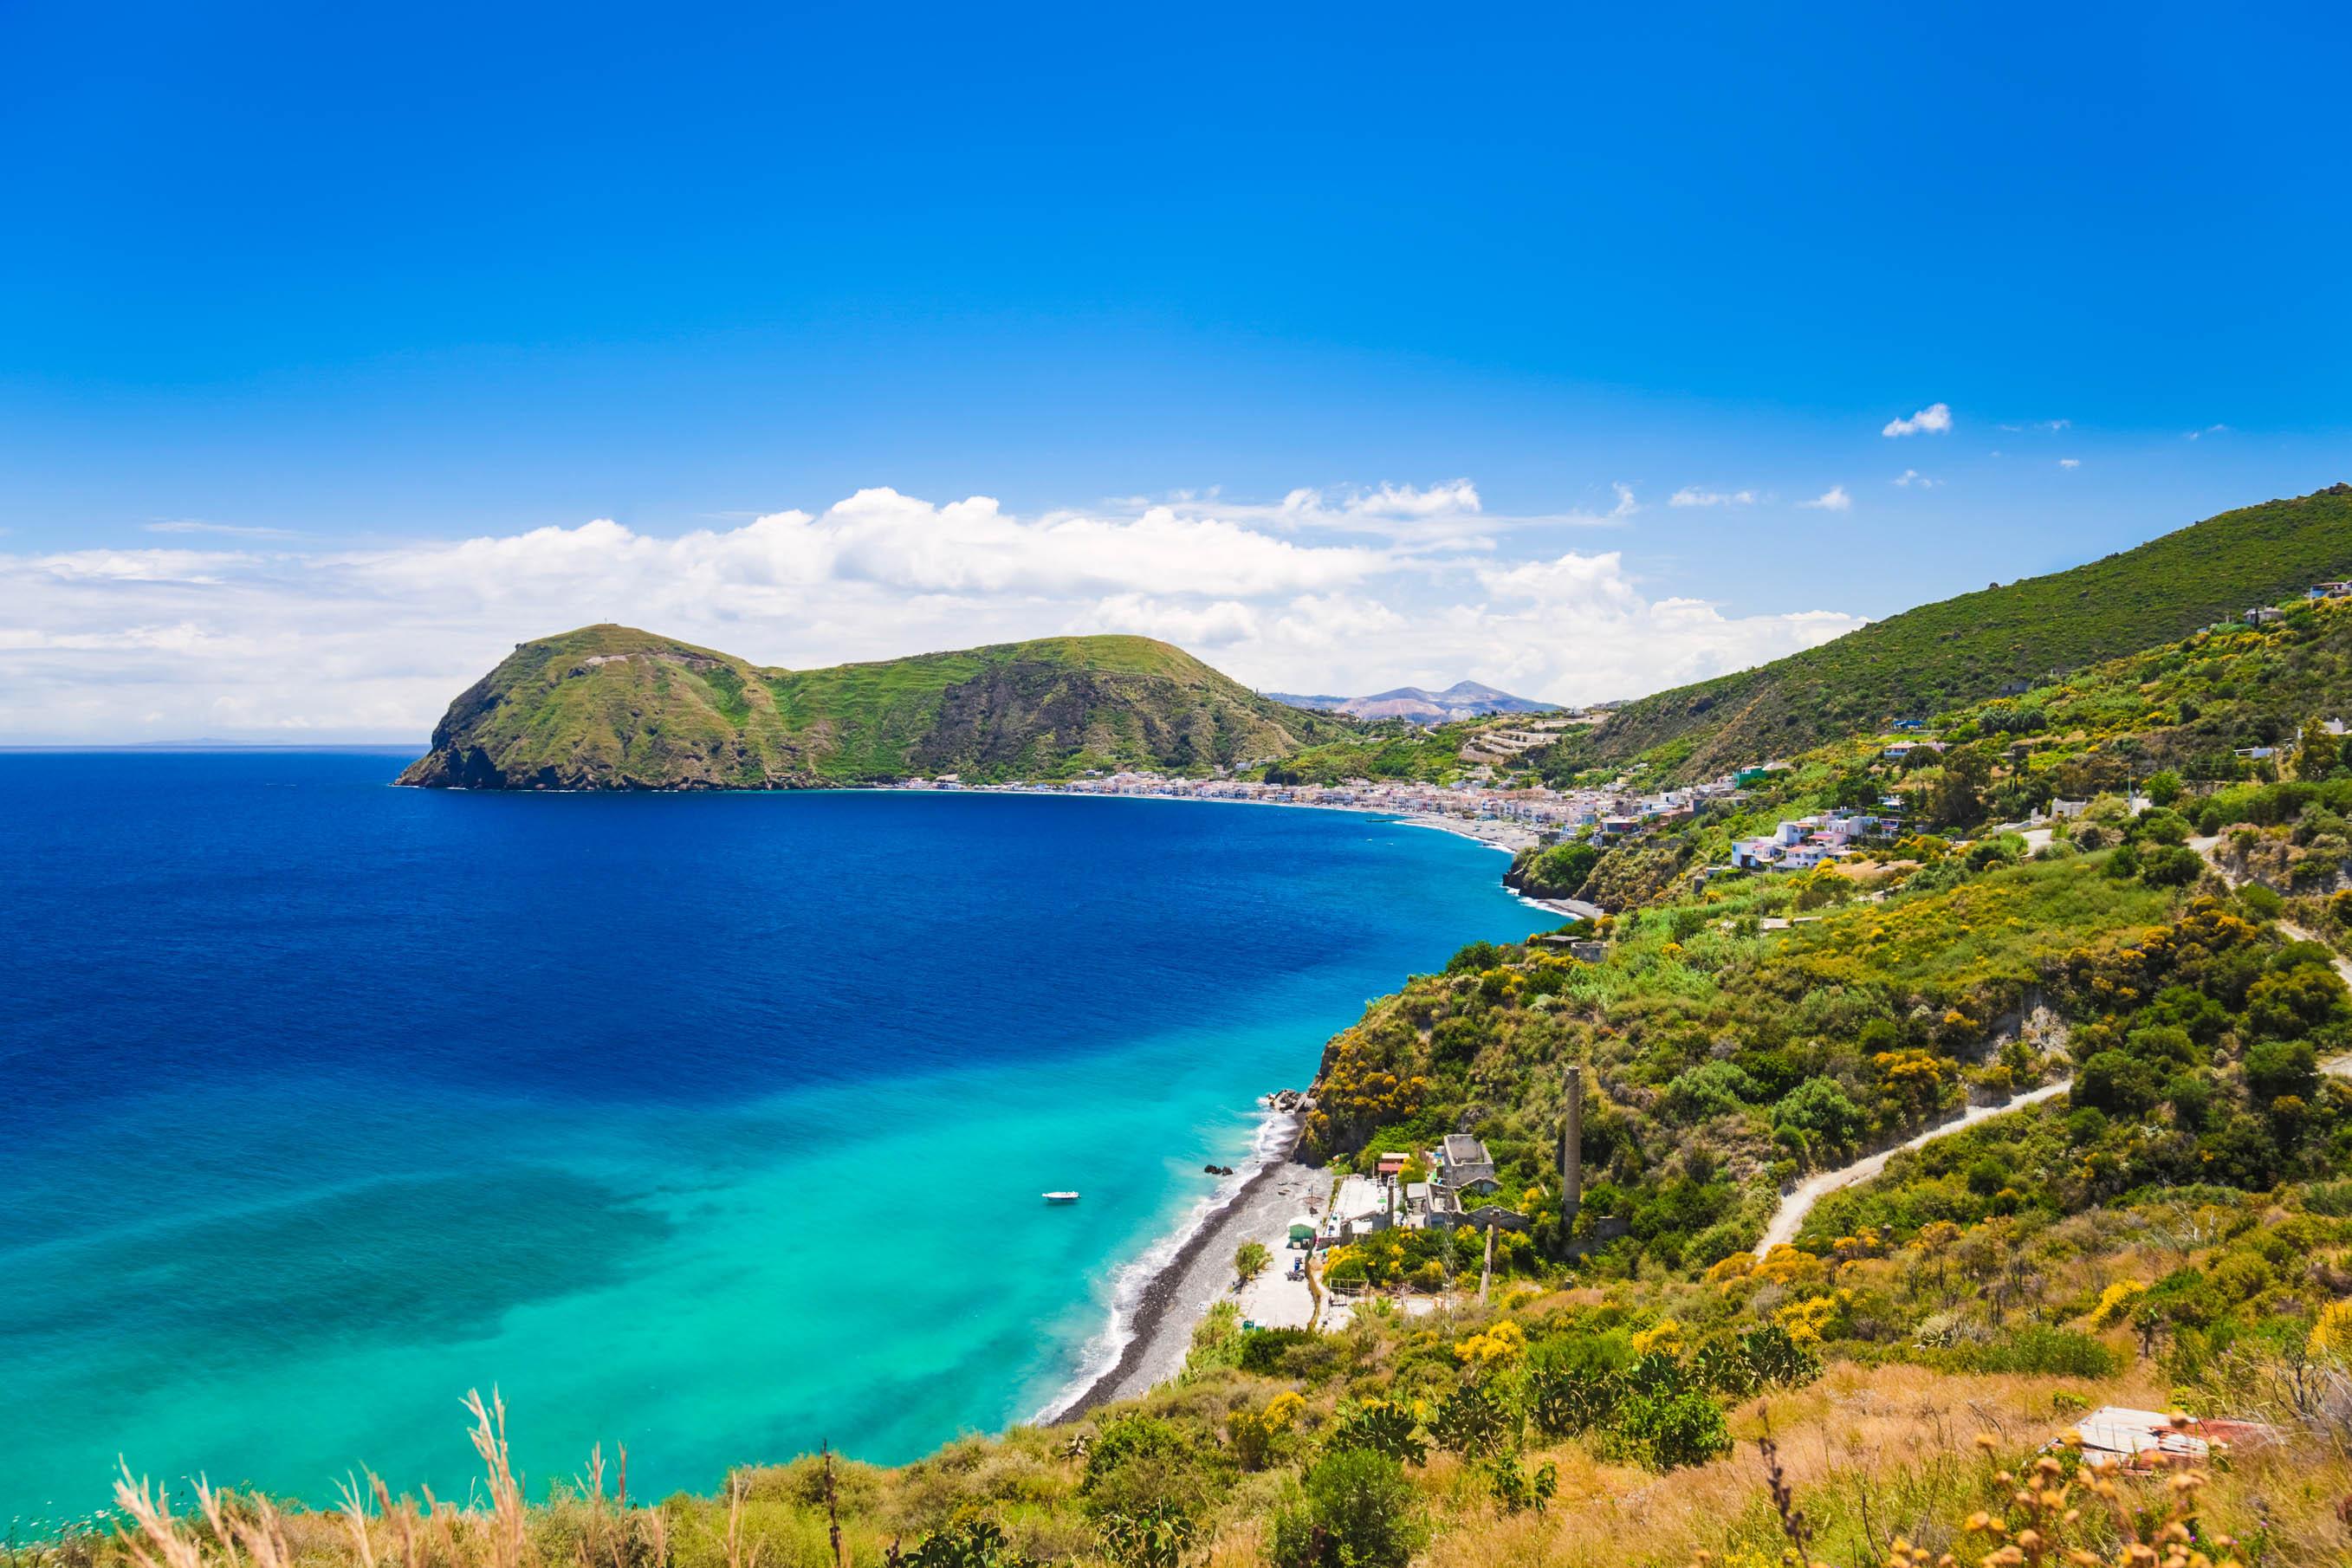 Die Küste der Liparischen Inseln fällt teils steil ins türkise Meer ab.